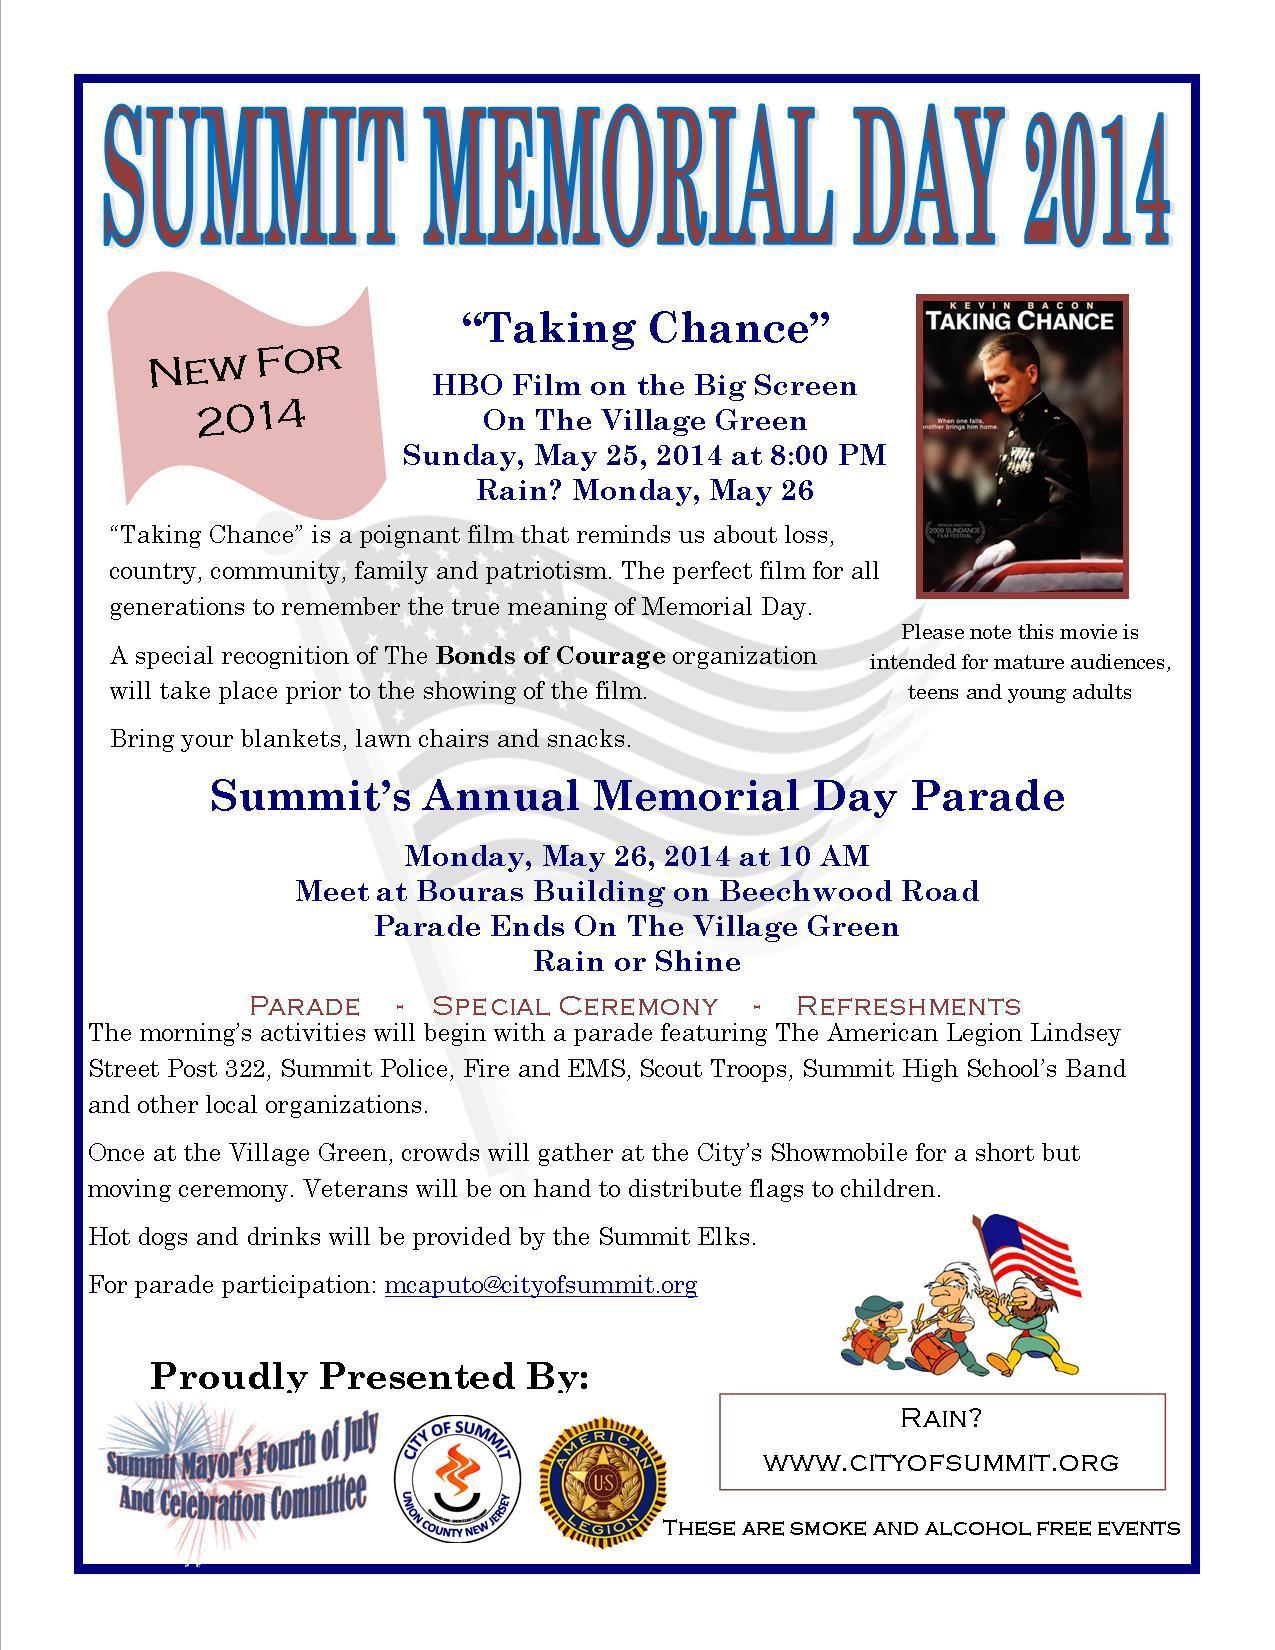 ccb8fa66a69e5a32e753_Memorial_Day.jpg